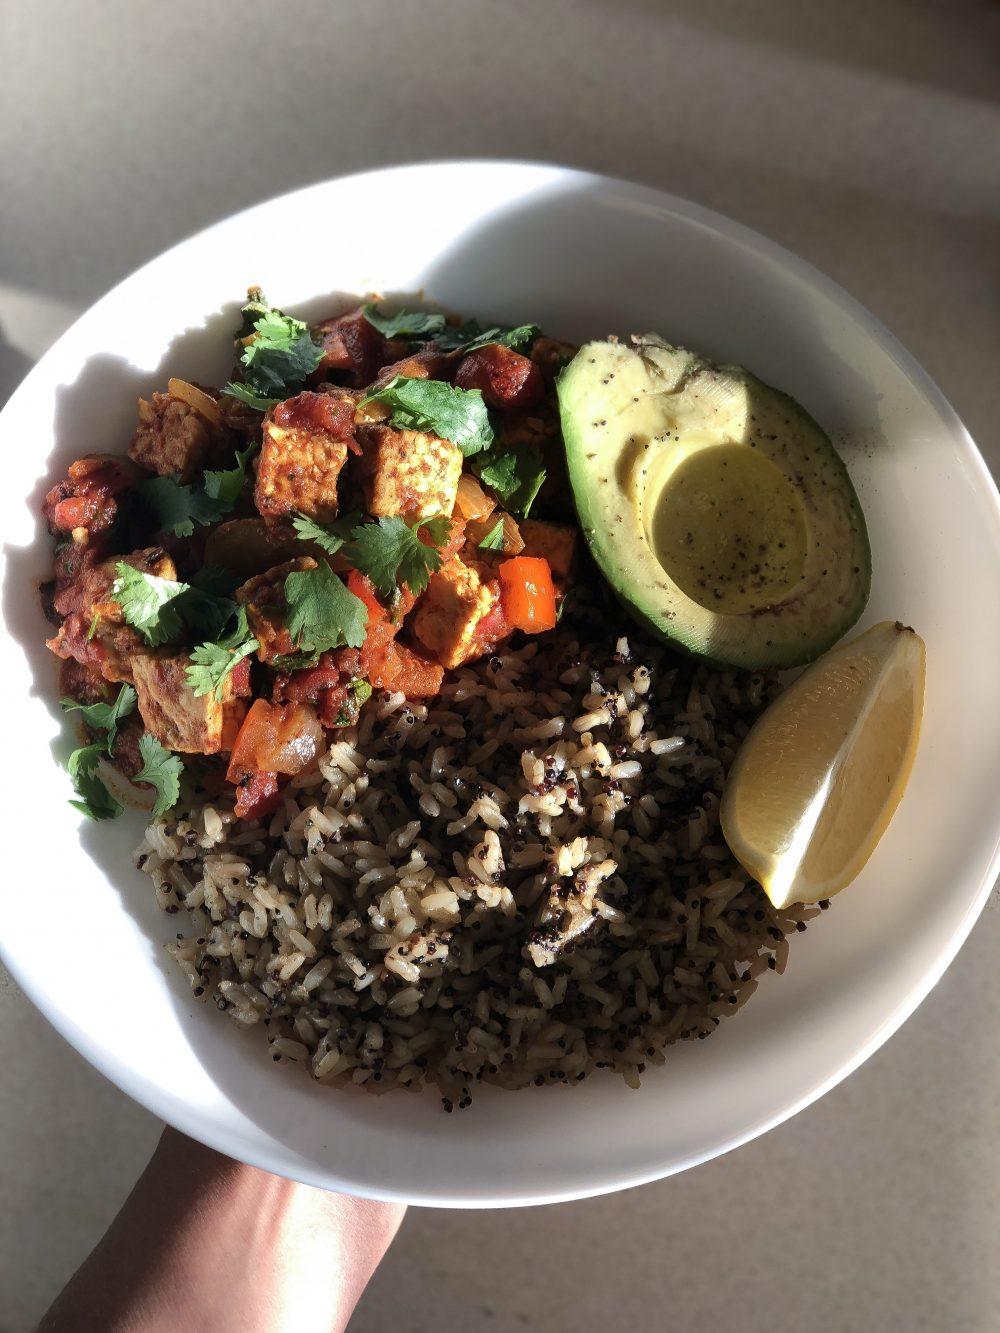 """Un guisado """"estilo Dominicano"""" pero usando Tempeh en vez de carne! Delicioso, nutritivo y sin sacrificar ese sabor de nuestra comida tipica!"""